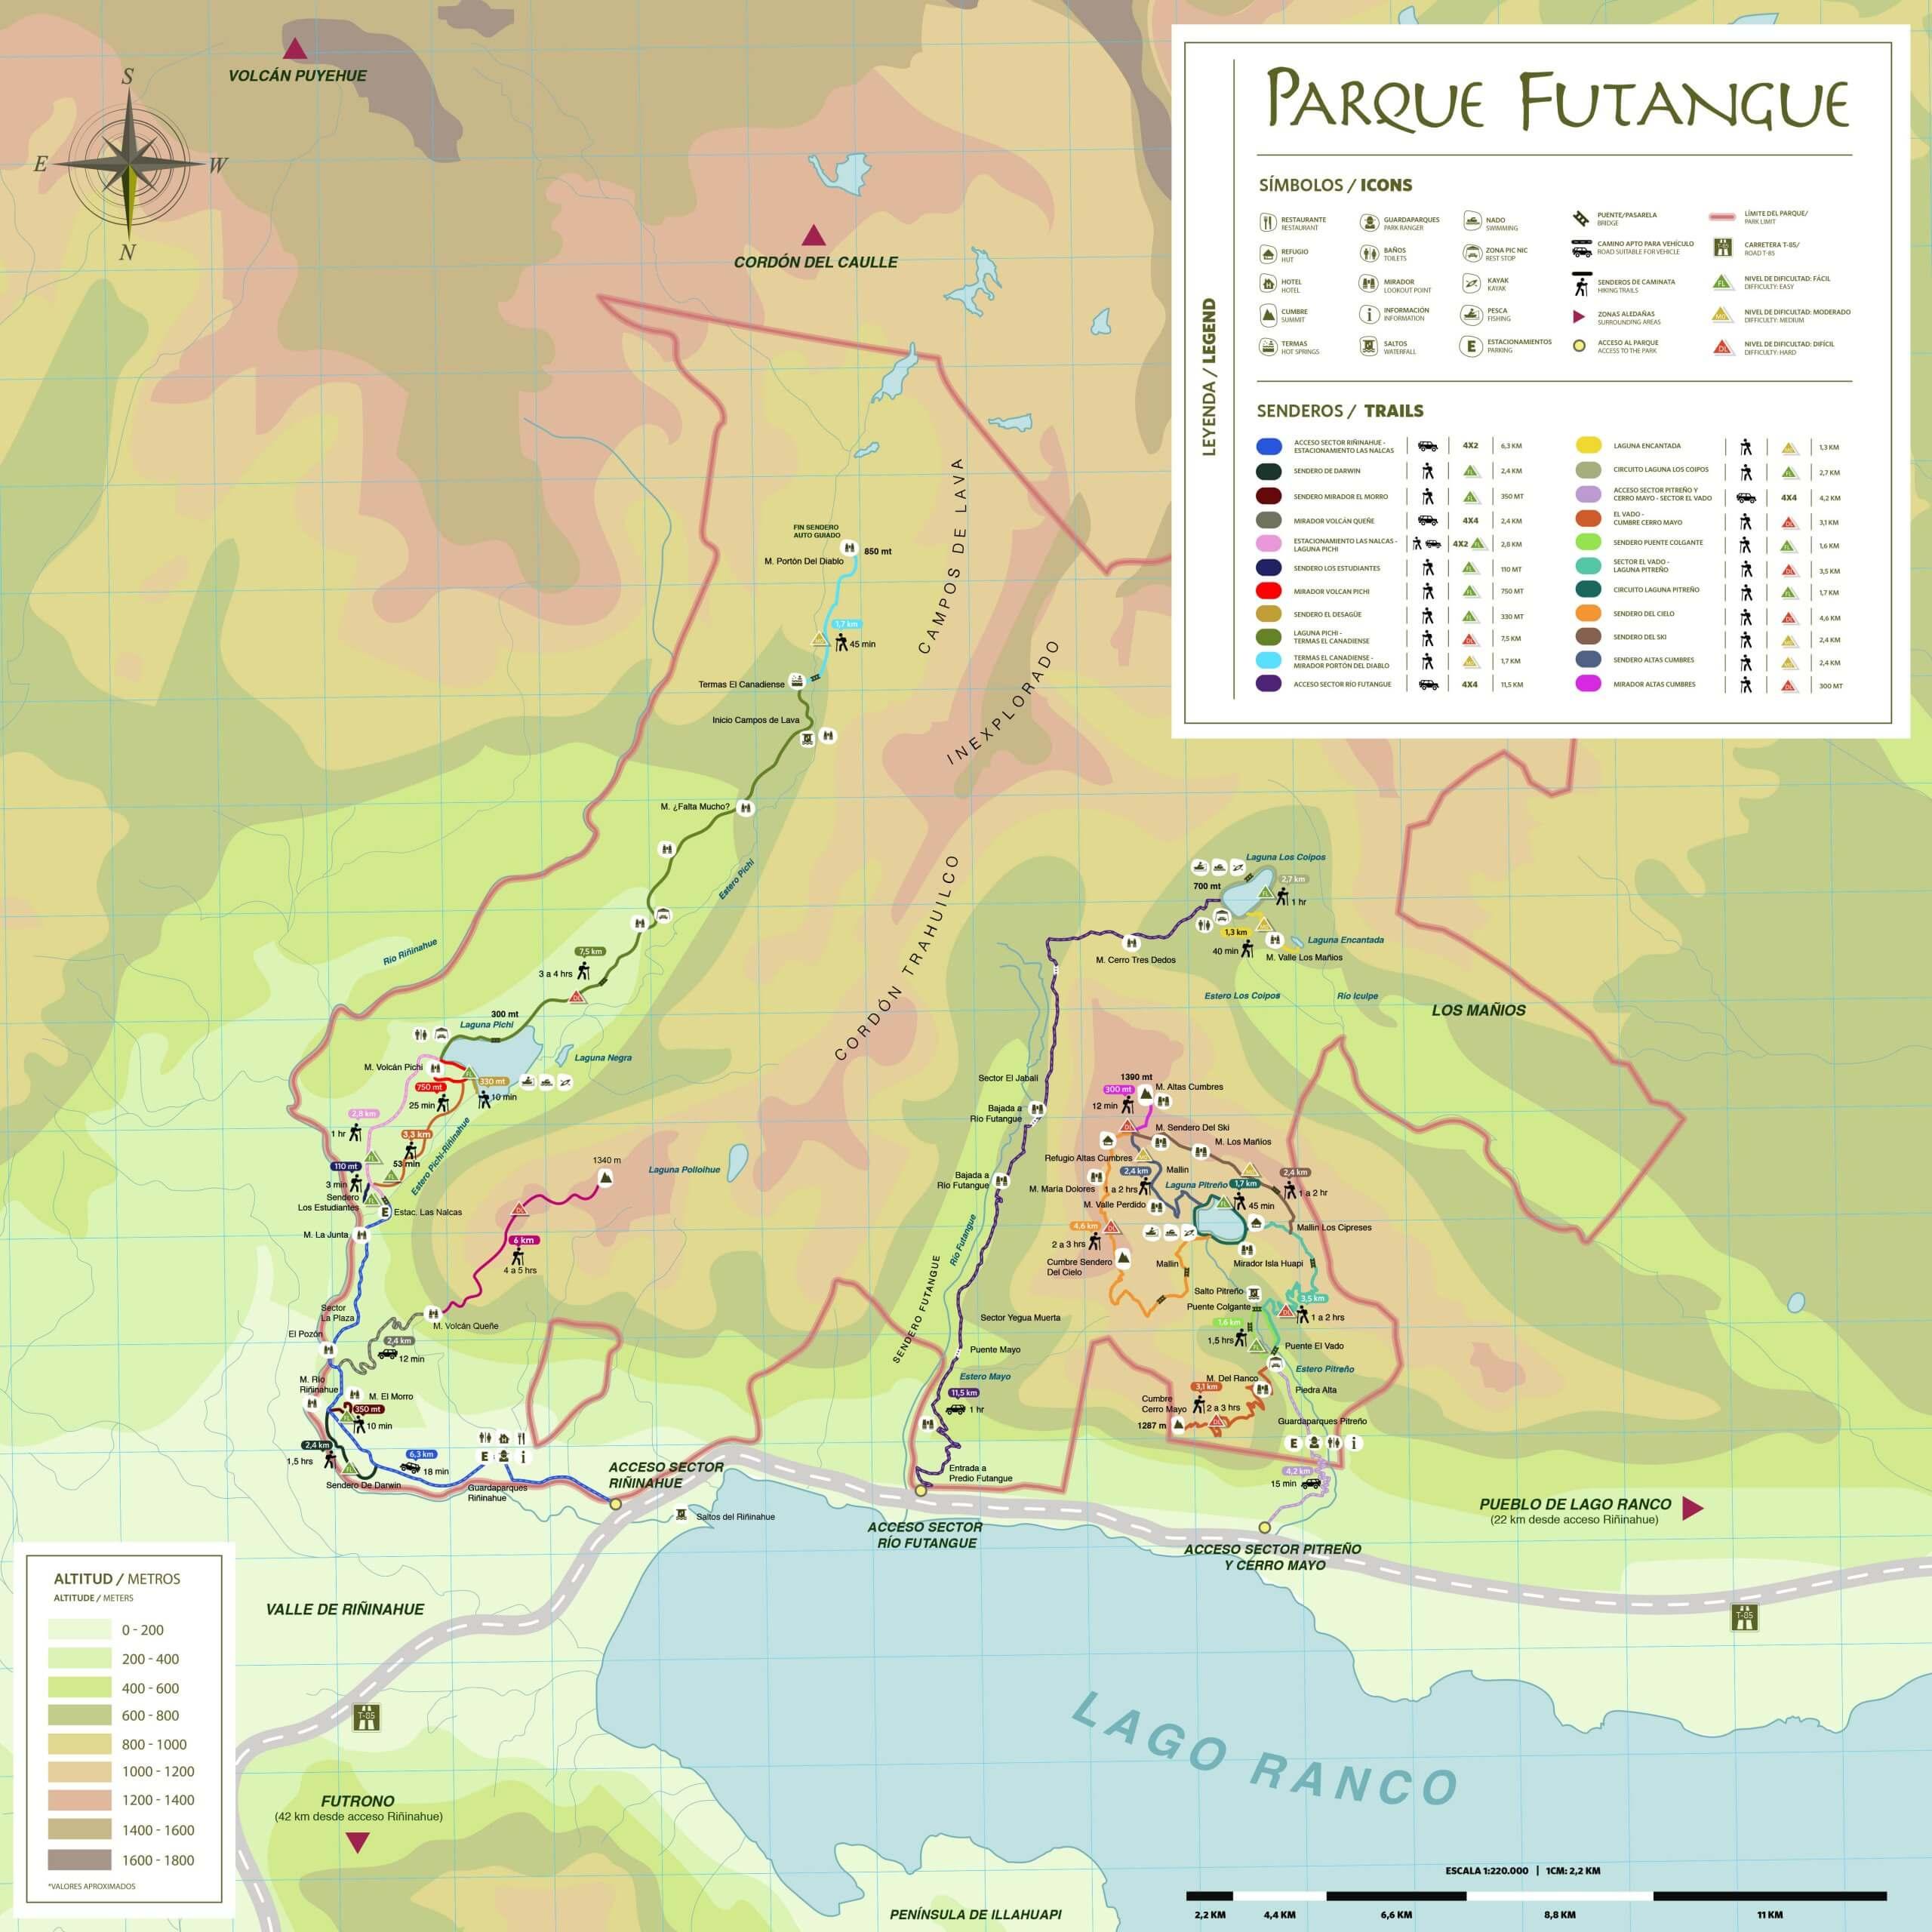 Parque Futangue